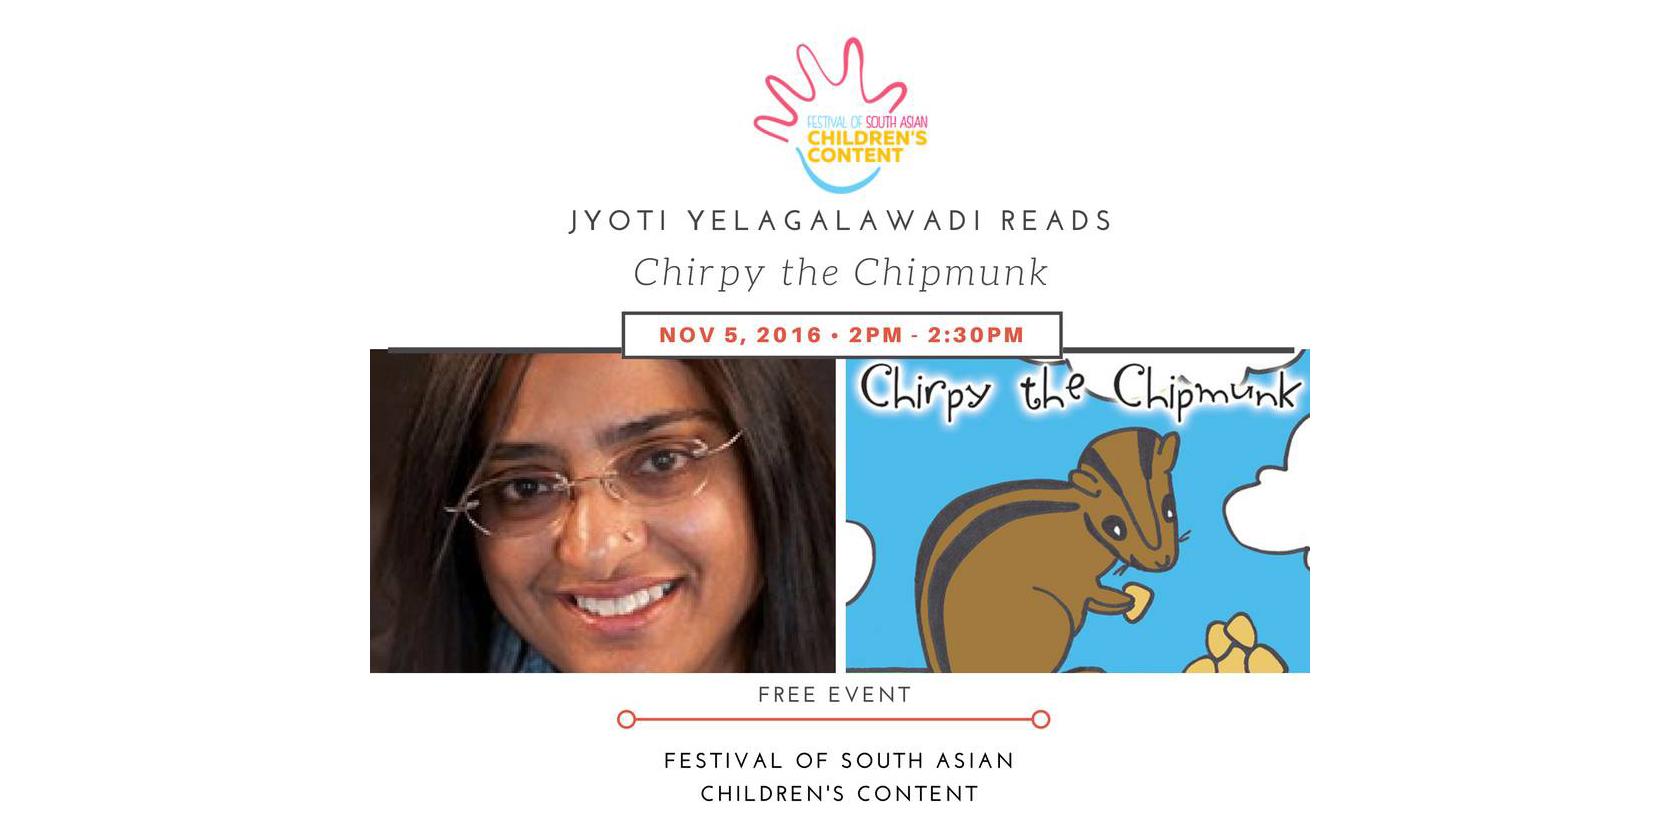 Jyoti Yelagalawadi reads from her chilren's book, Chirpy the Chipmunk